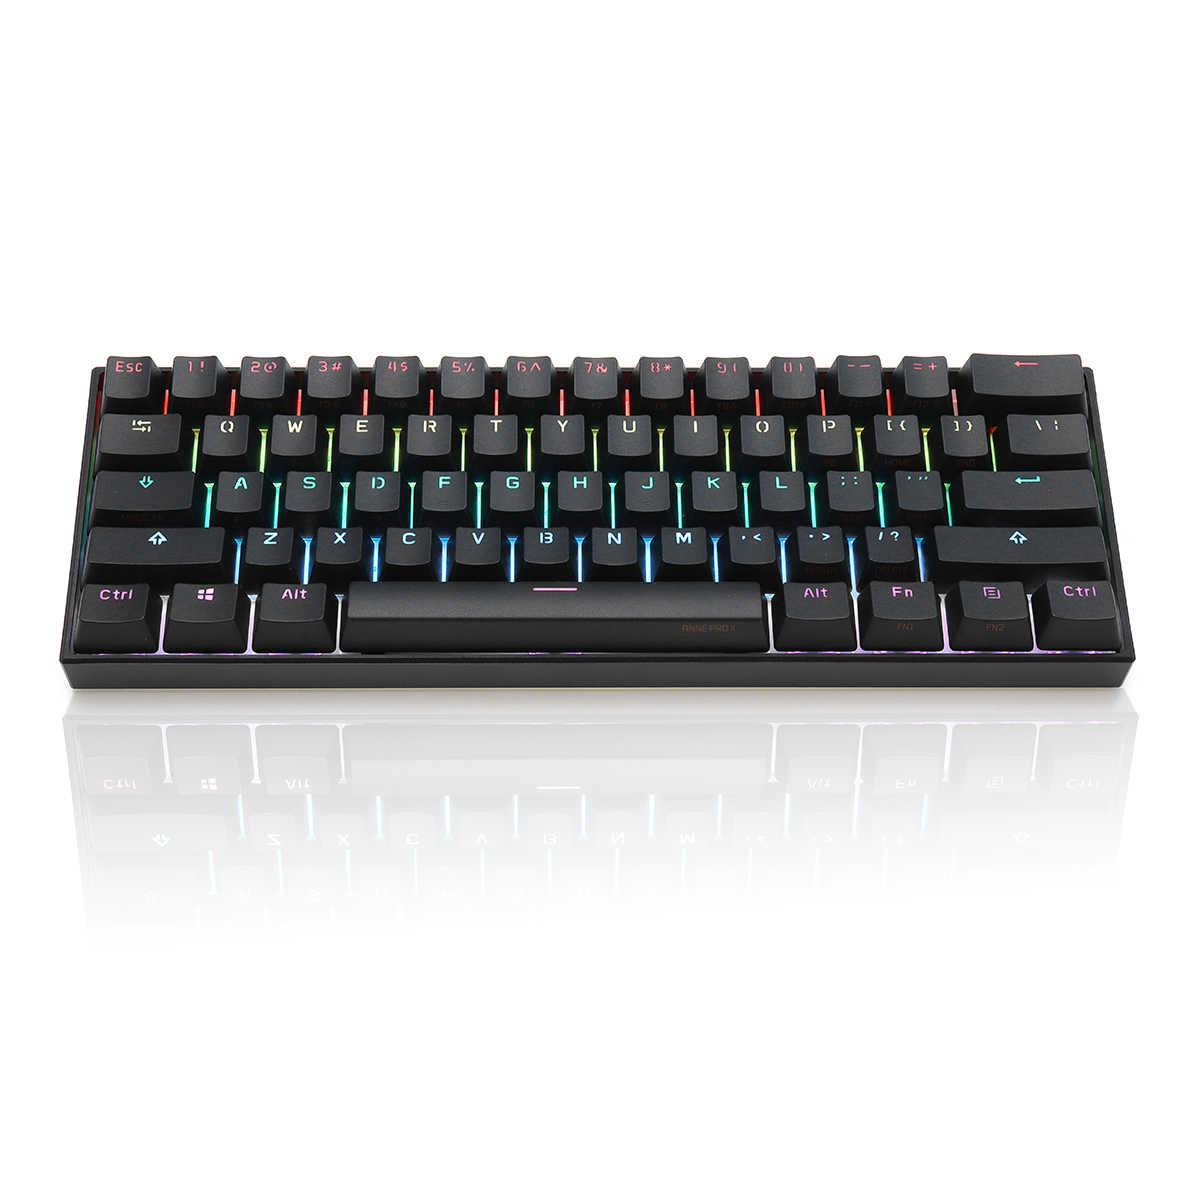 ANNE Pro2 Mini taşınabilir kablosuz bluetooth 60% mekanik klavye kırmızı mavi kahverengi anahtarı oyun klavyesi ayrılabilir kablo sıcak